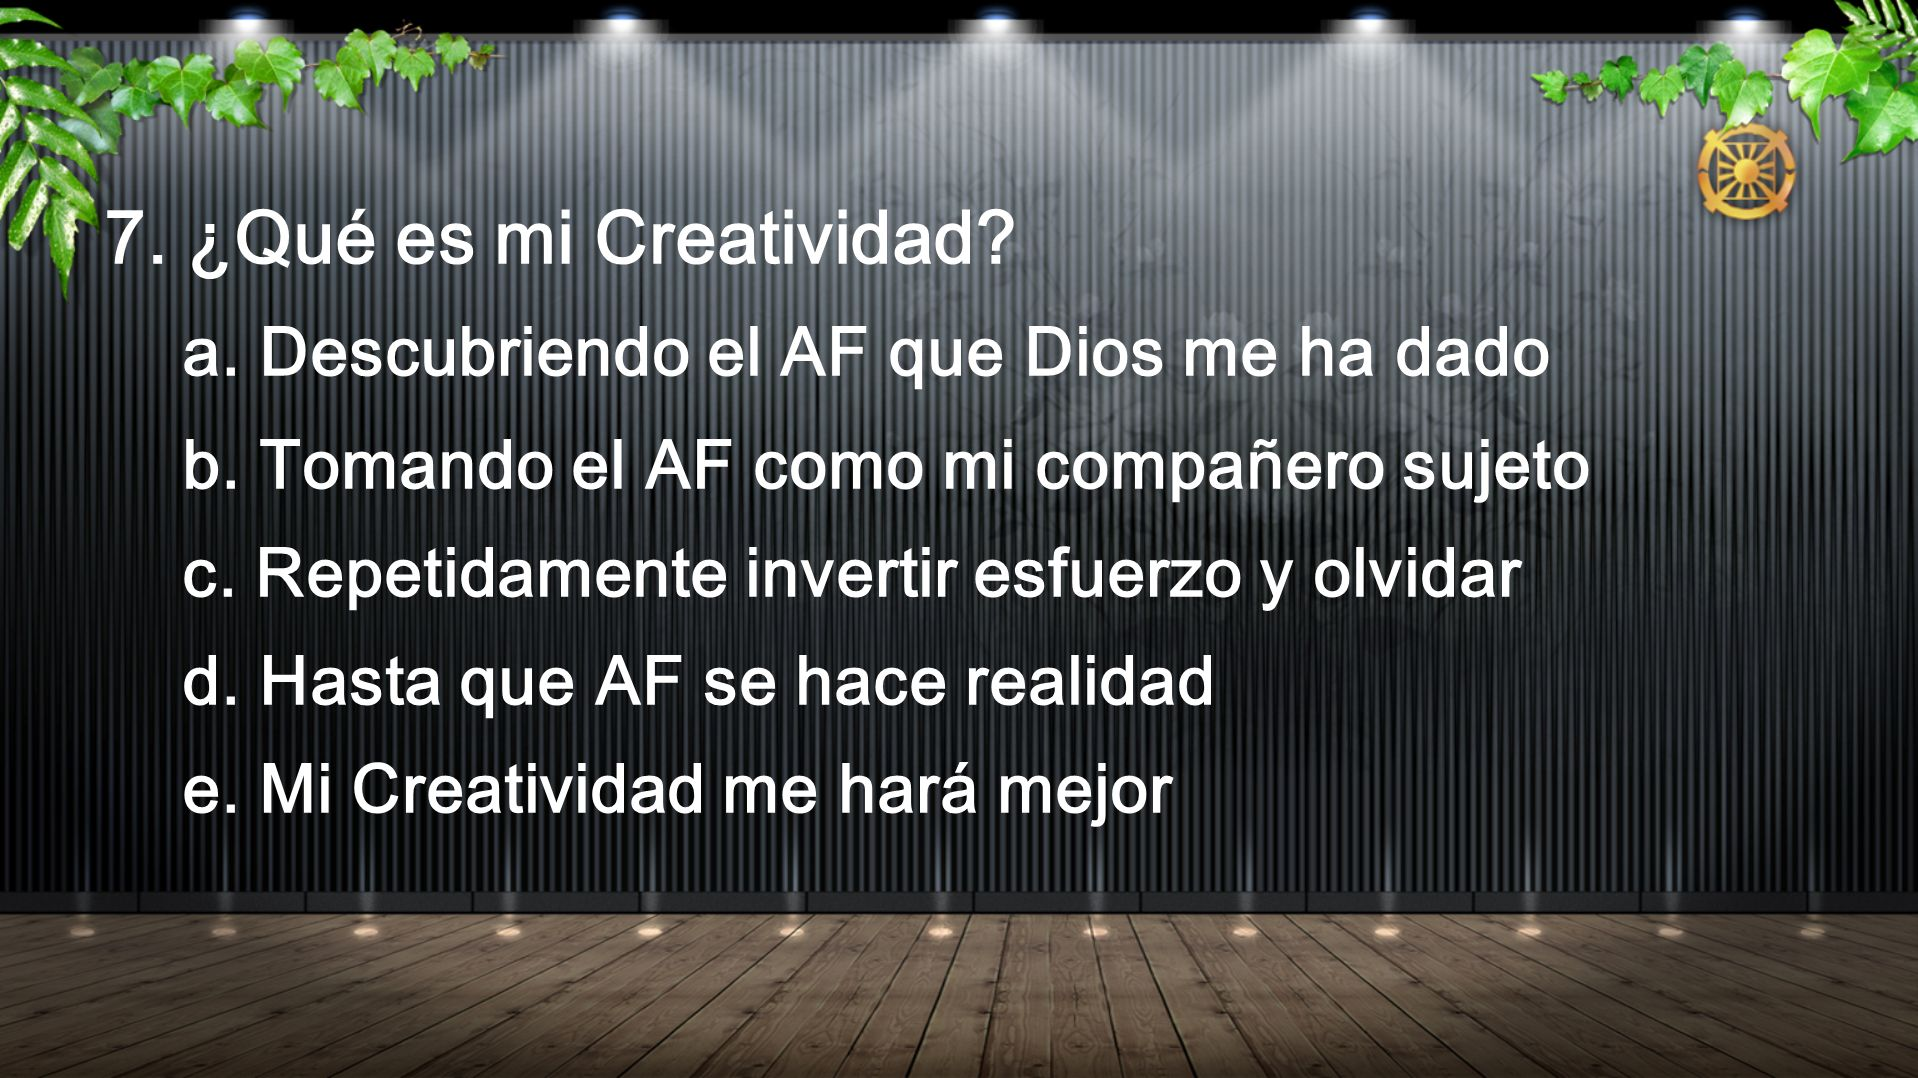 7. ¿Qué es mi Creatividad a. Descubriendo el AF que Dios me ha dado